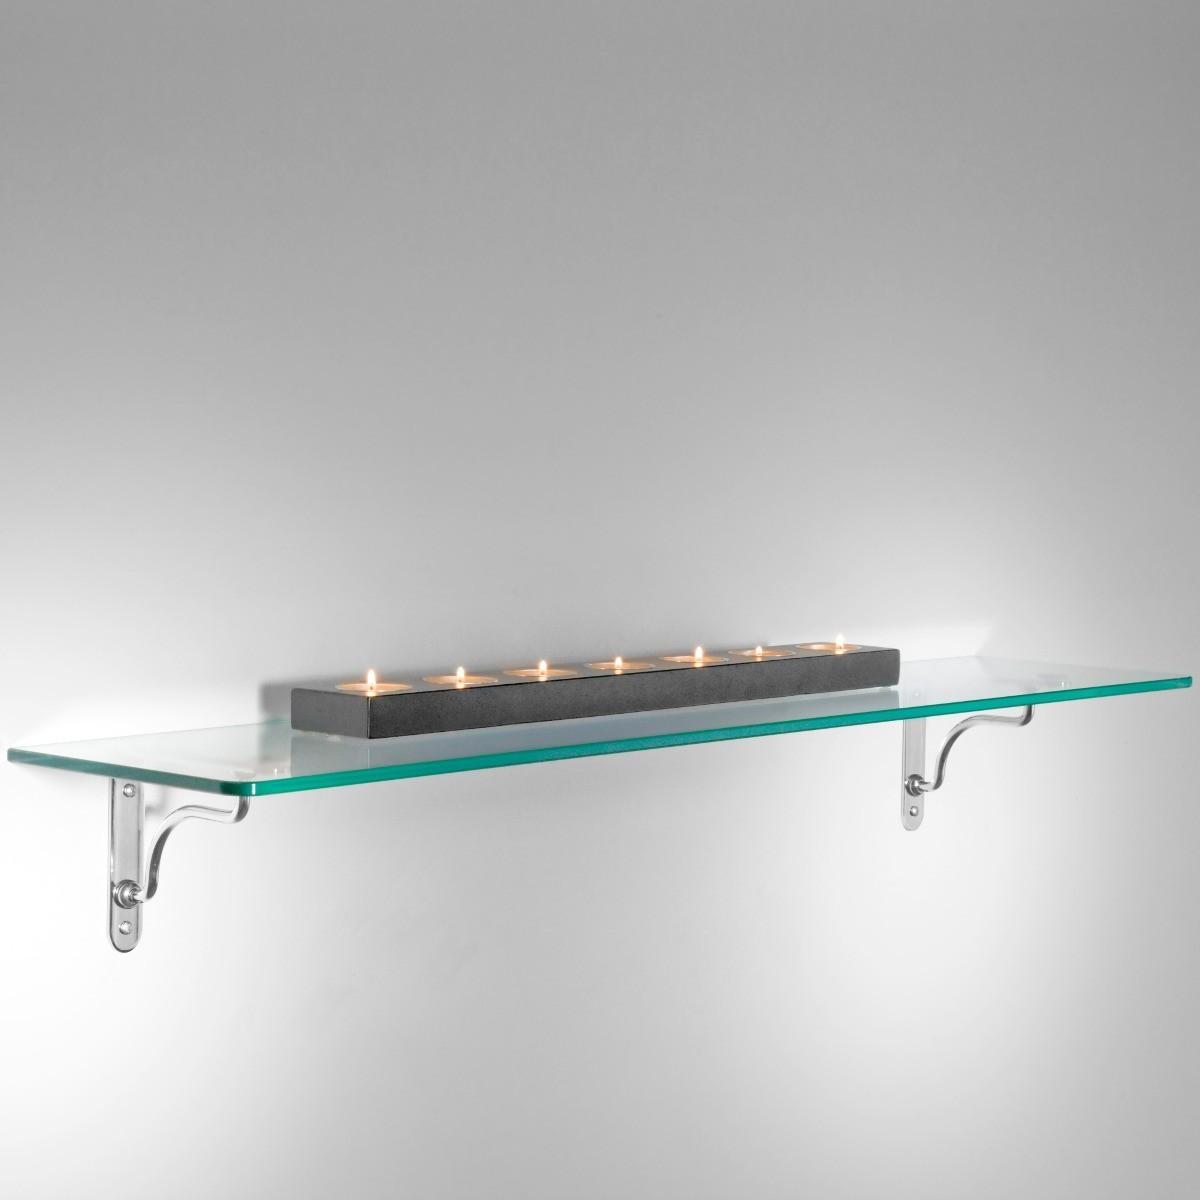 Linea maxi set di 5 mensole in vetro trasparente 90 cm for Staffe per mensole leroy merlin